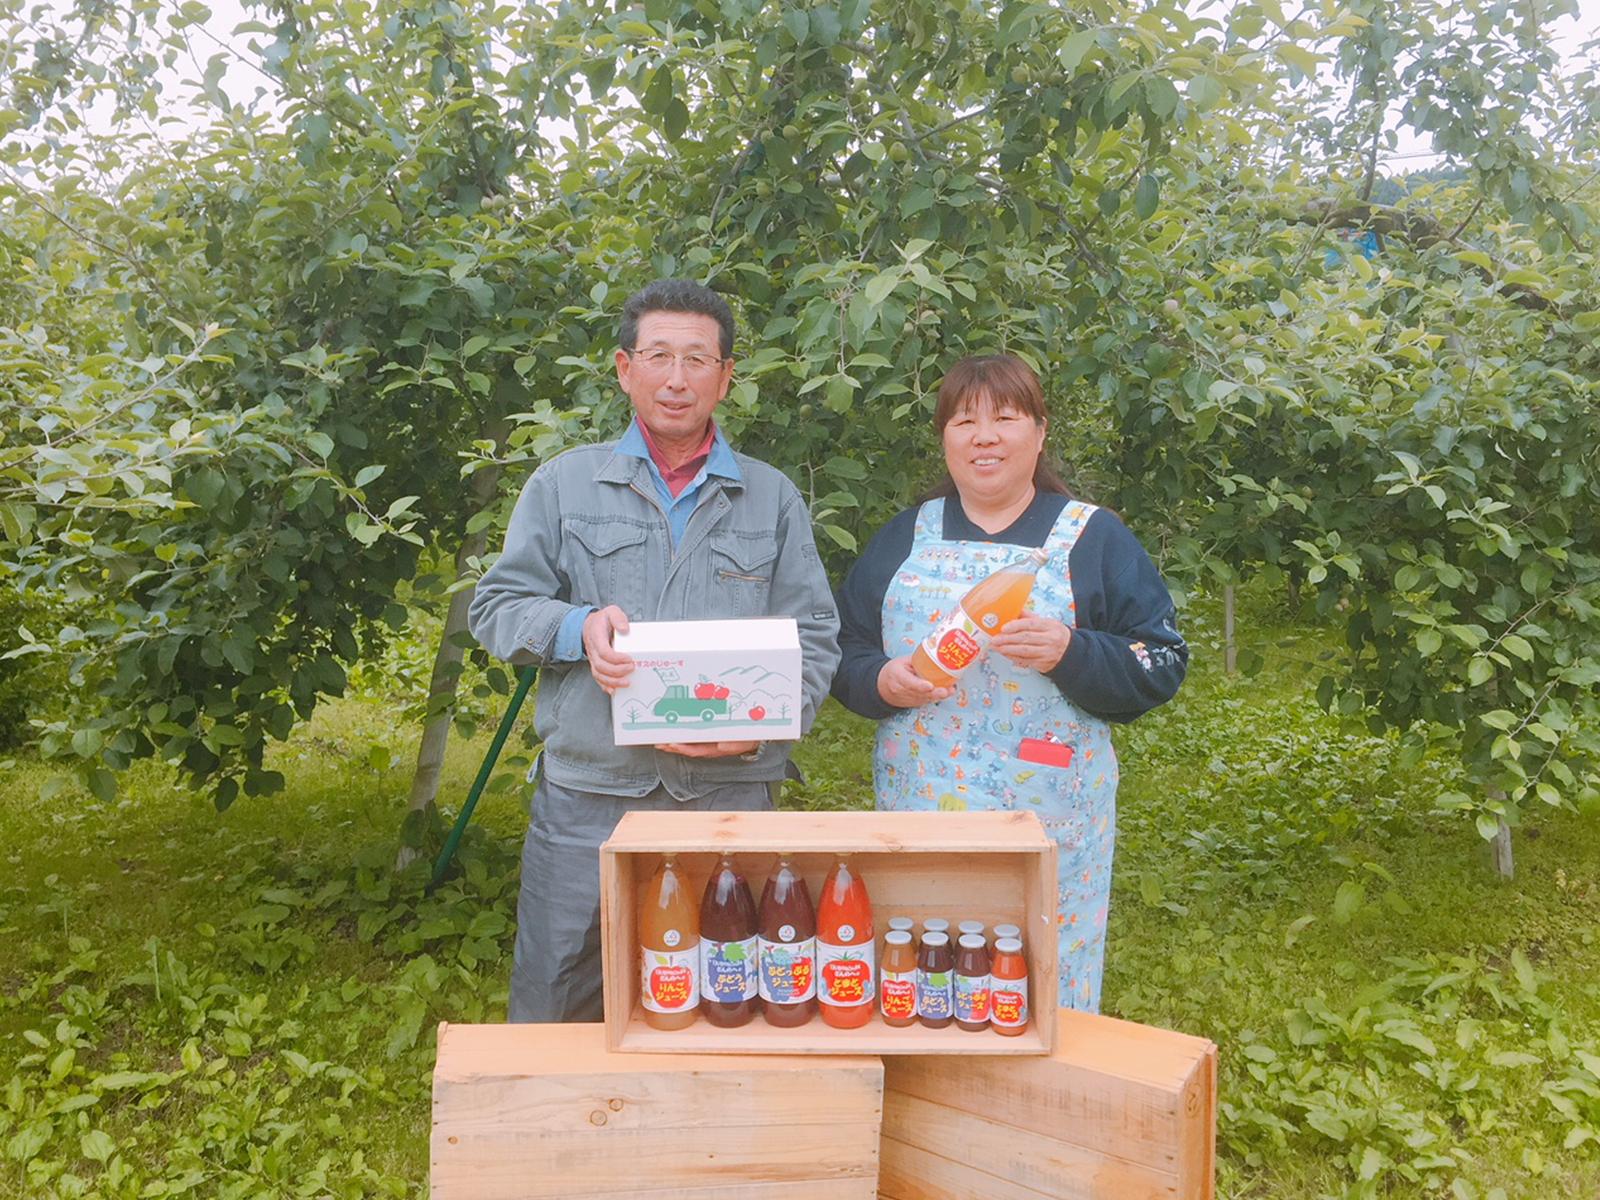 青森県三戸町アップルビール生産プロジェクト第一弾!